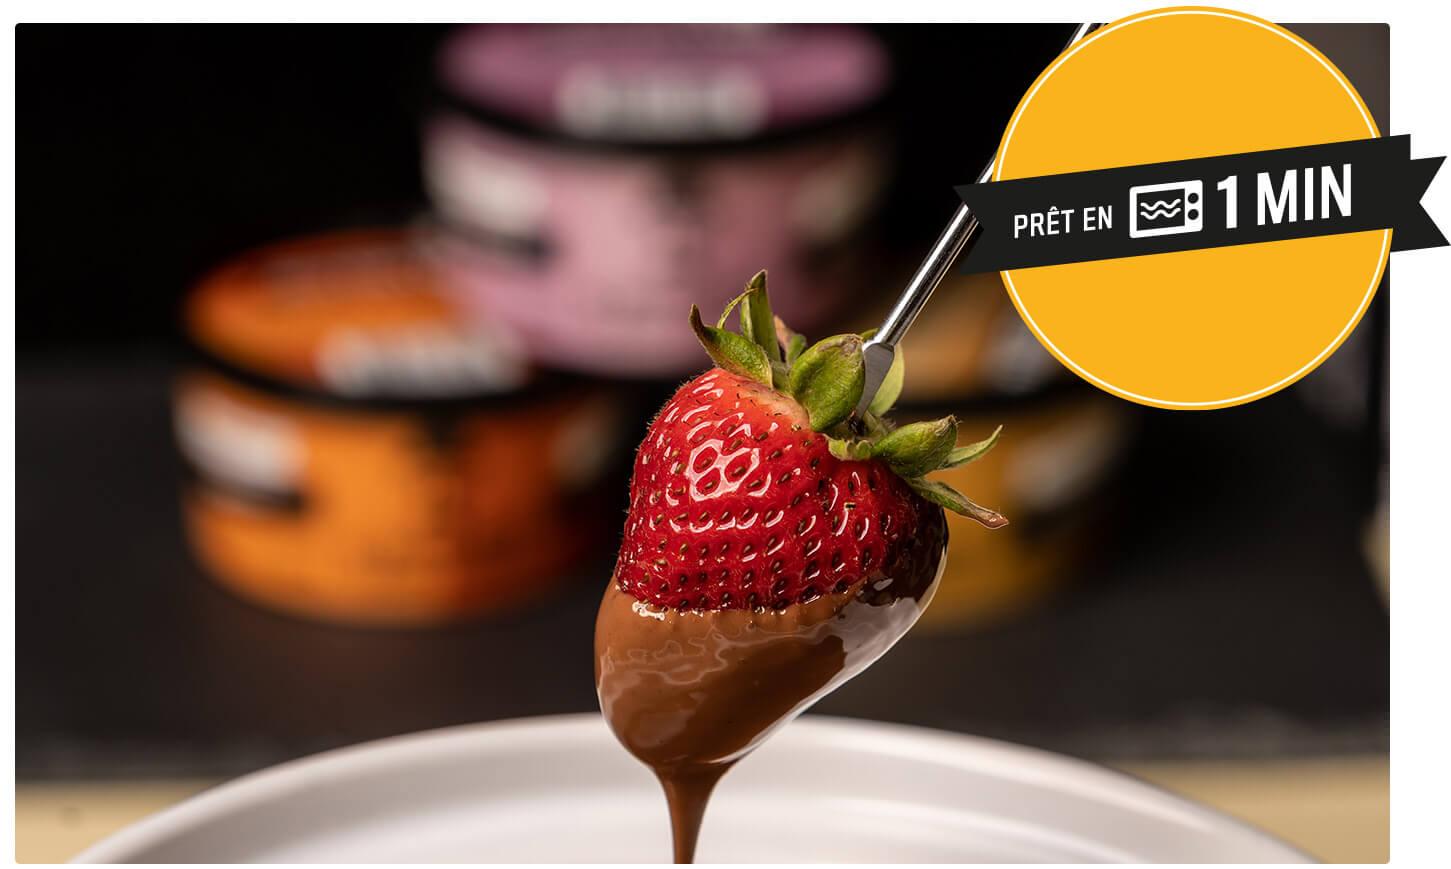 m-hotches-produits-fraise-pret-1-minute-img